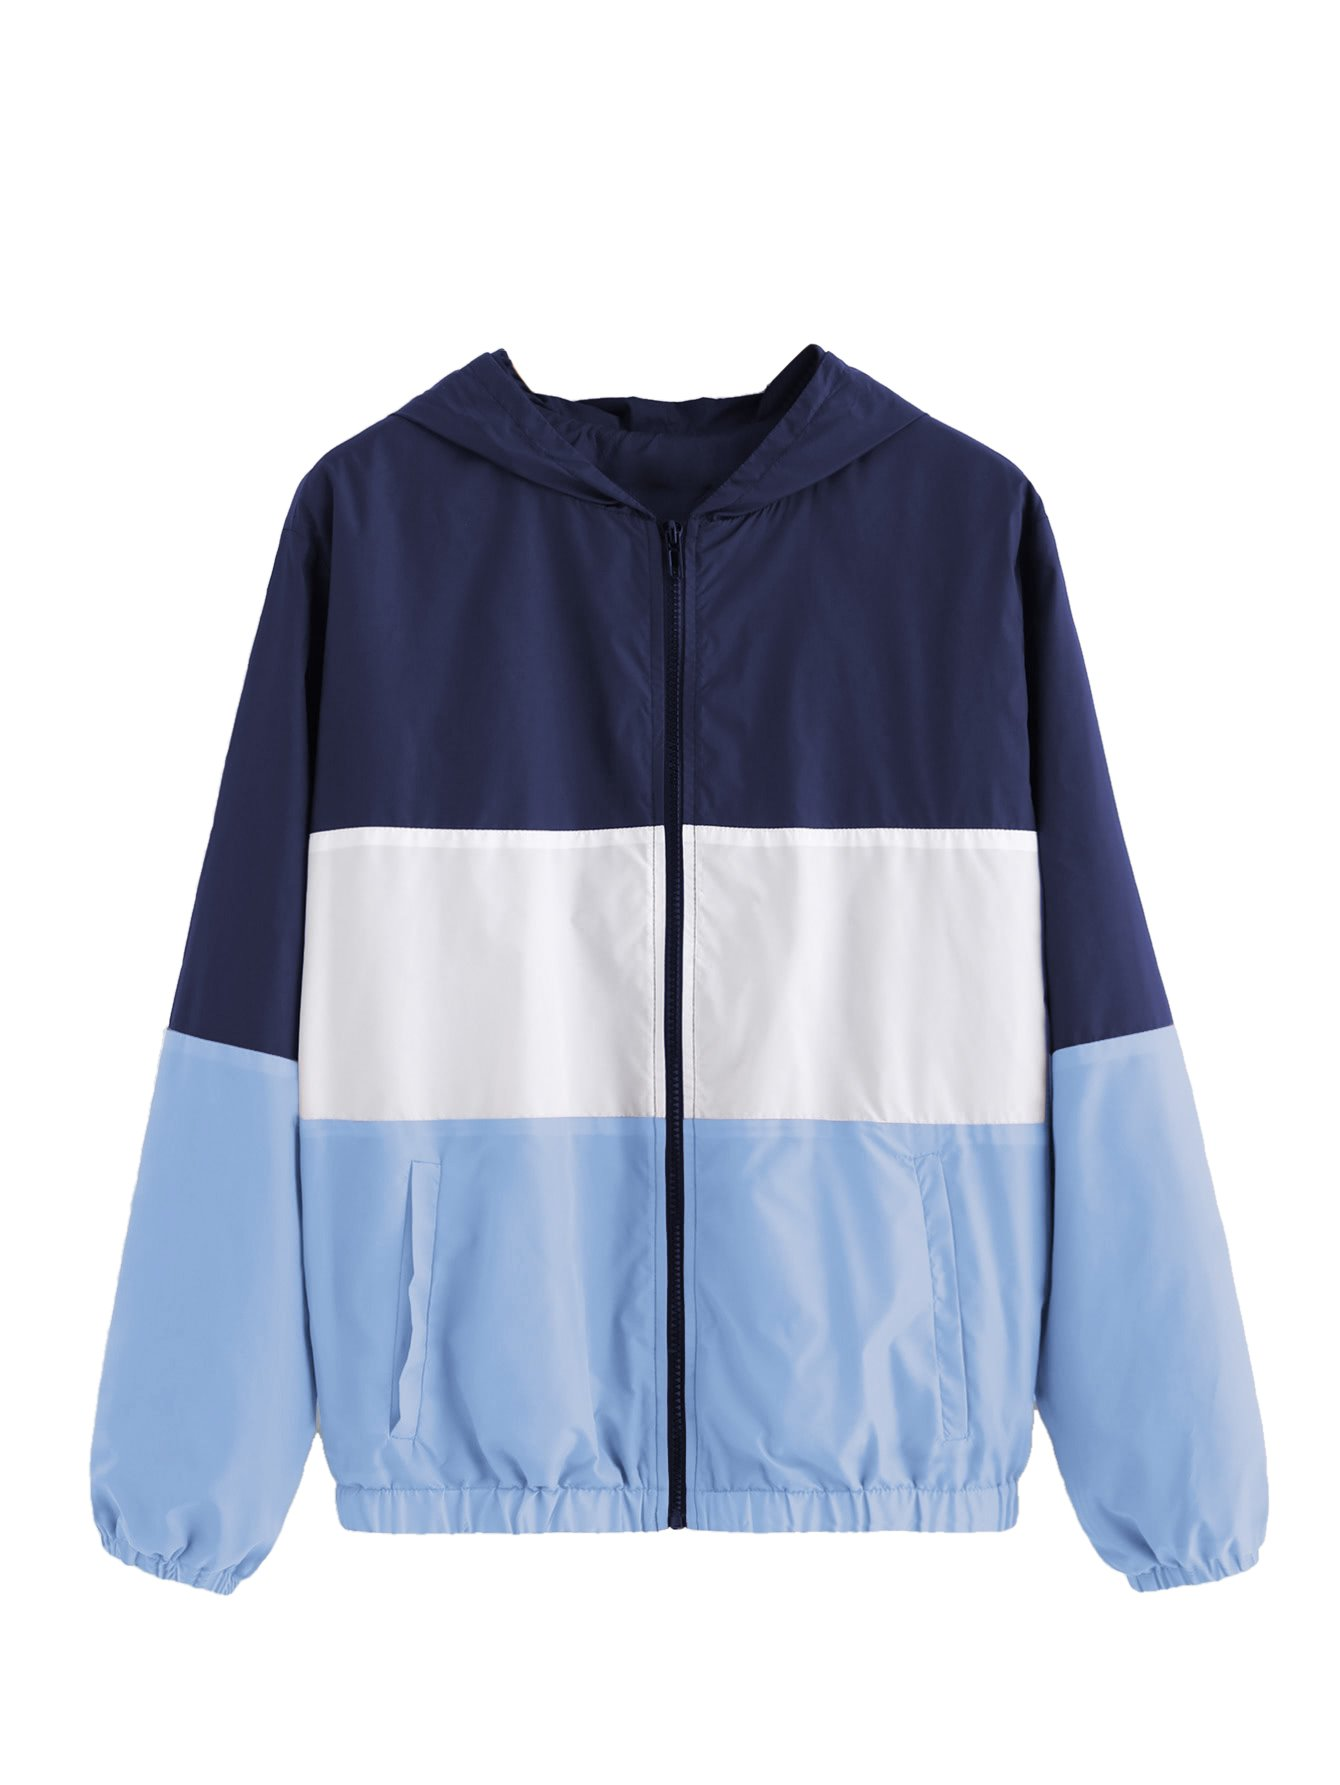 SweatyRocks Women's Casual Jackets Lightweight Hooded Windbreaker Outdoor Hiking Color Block S